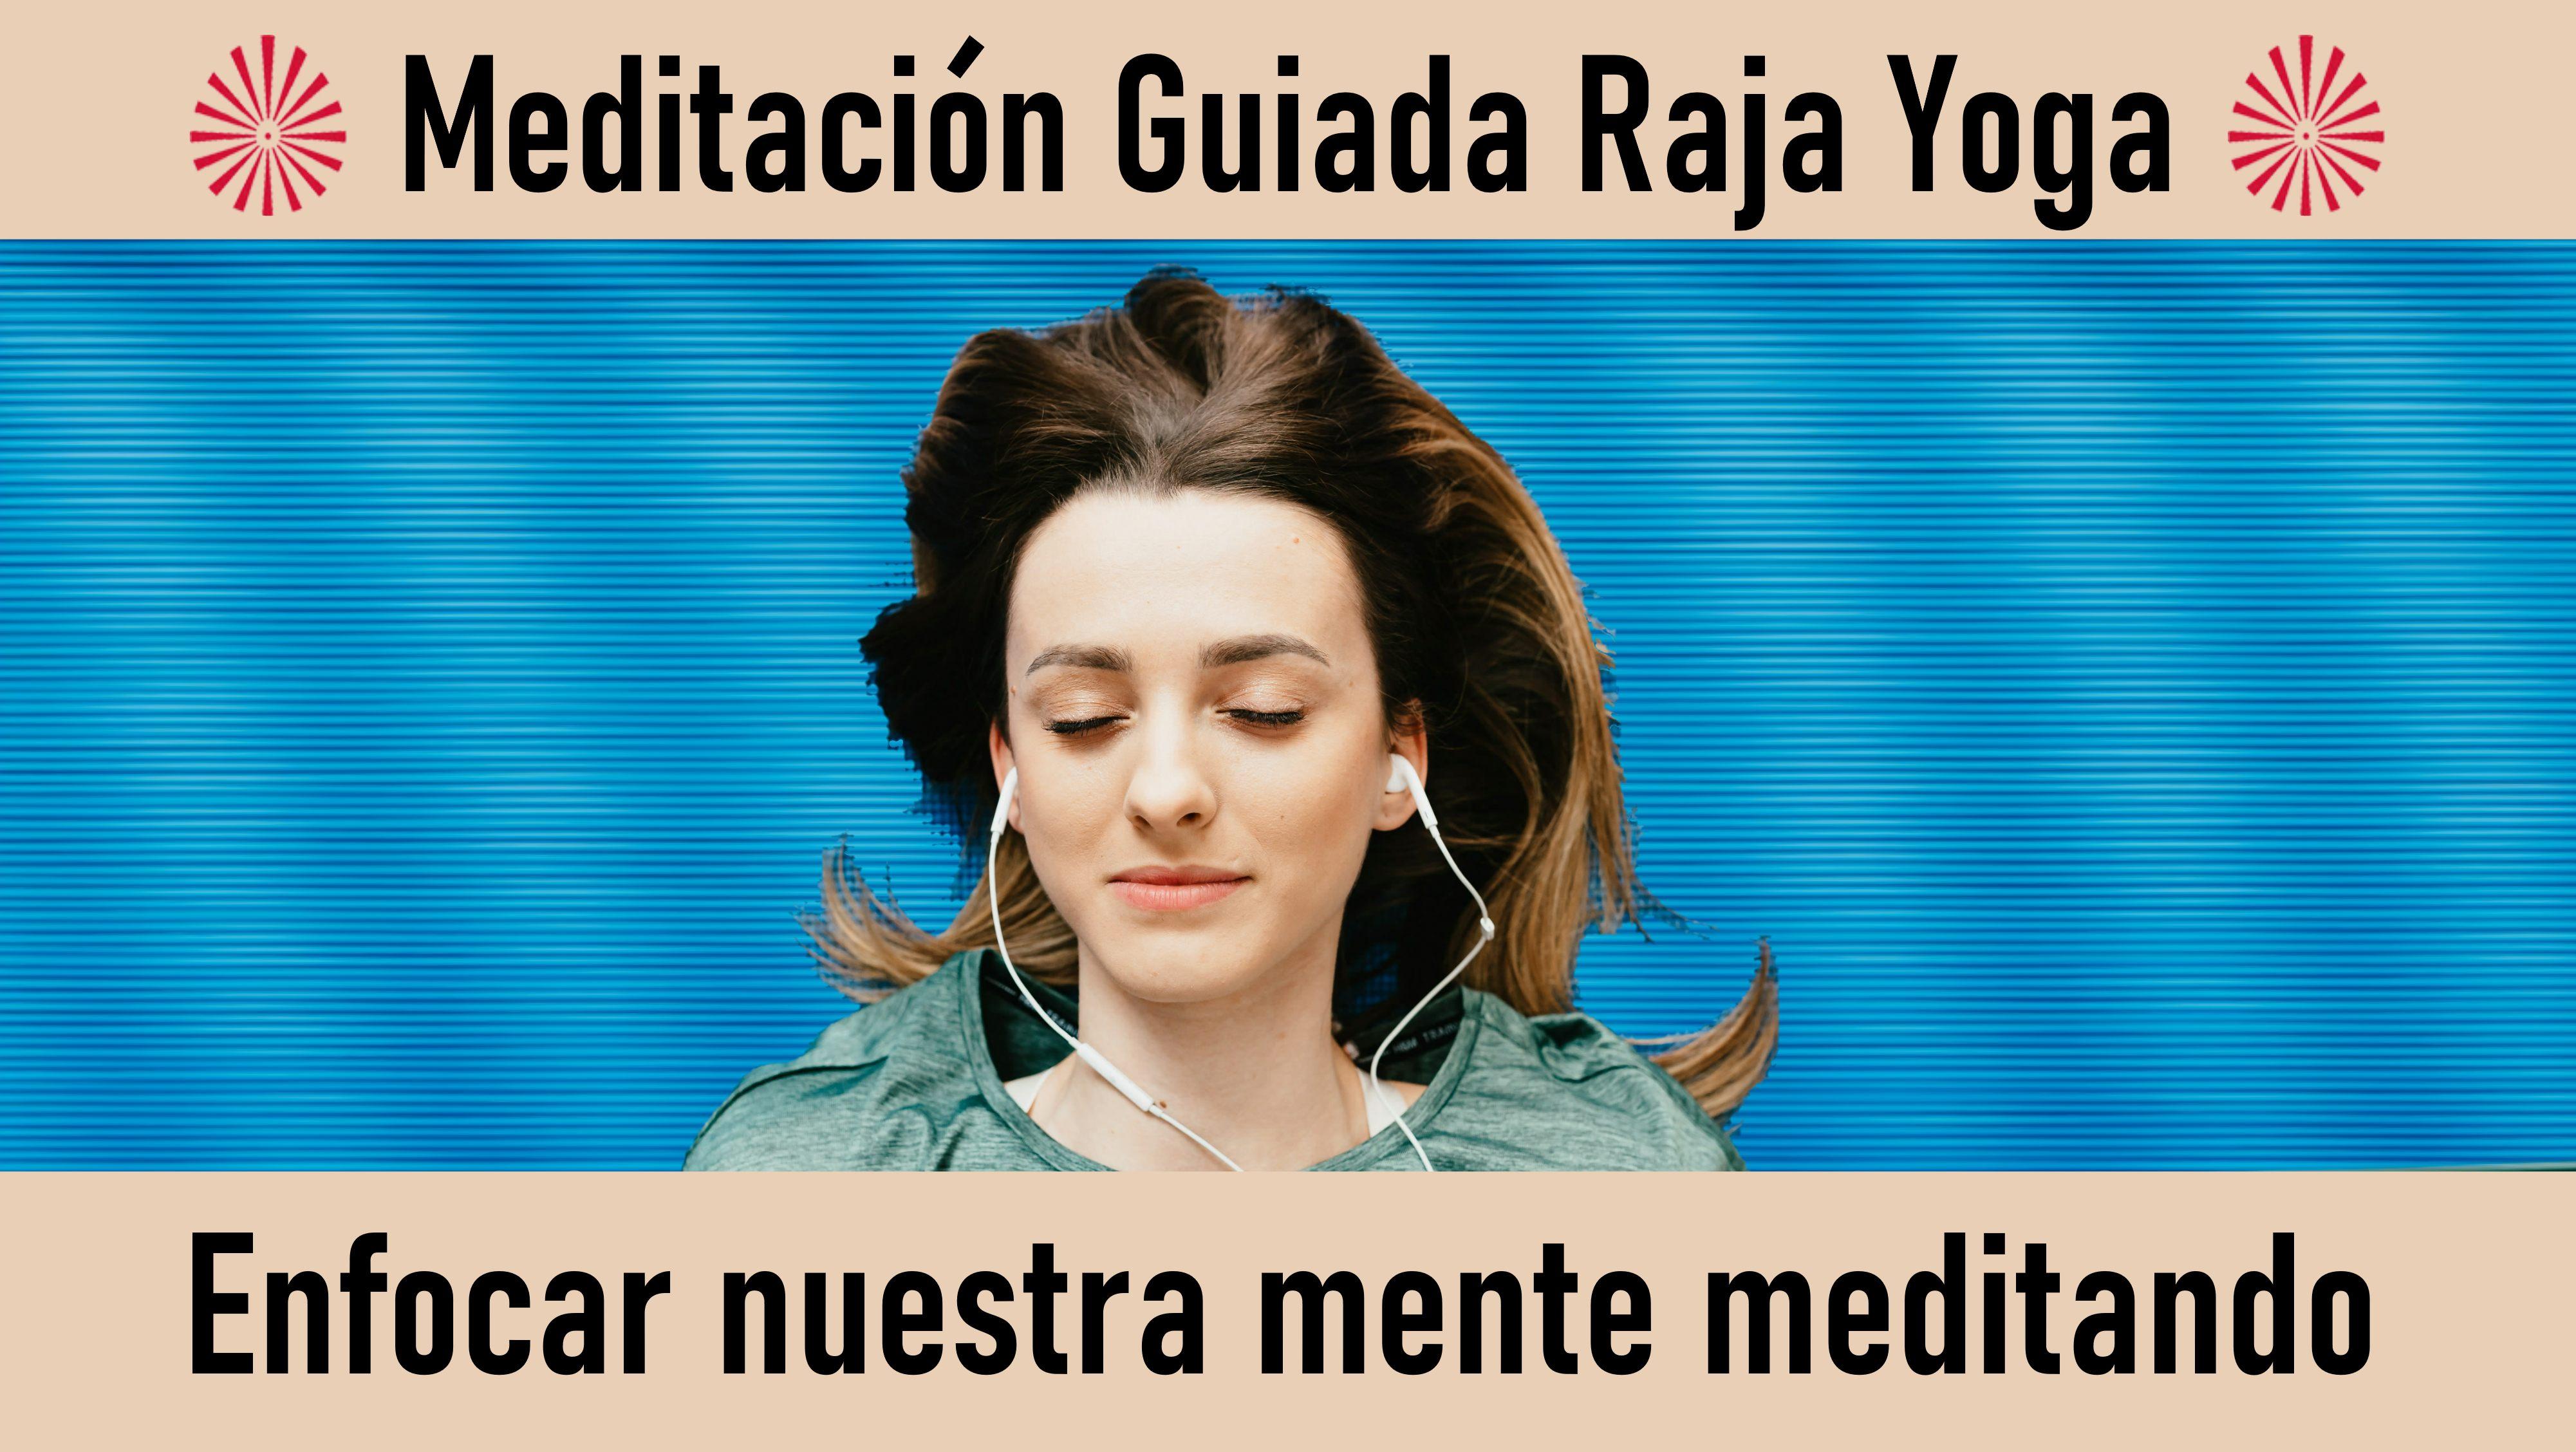 2 Septiembre 2020 Meditación guiada: Enfocar nuestra mente meditando